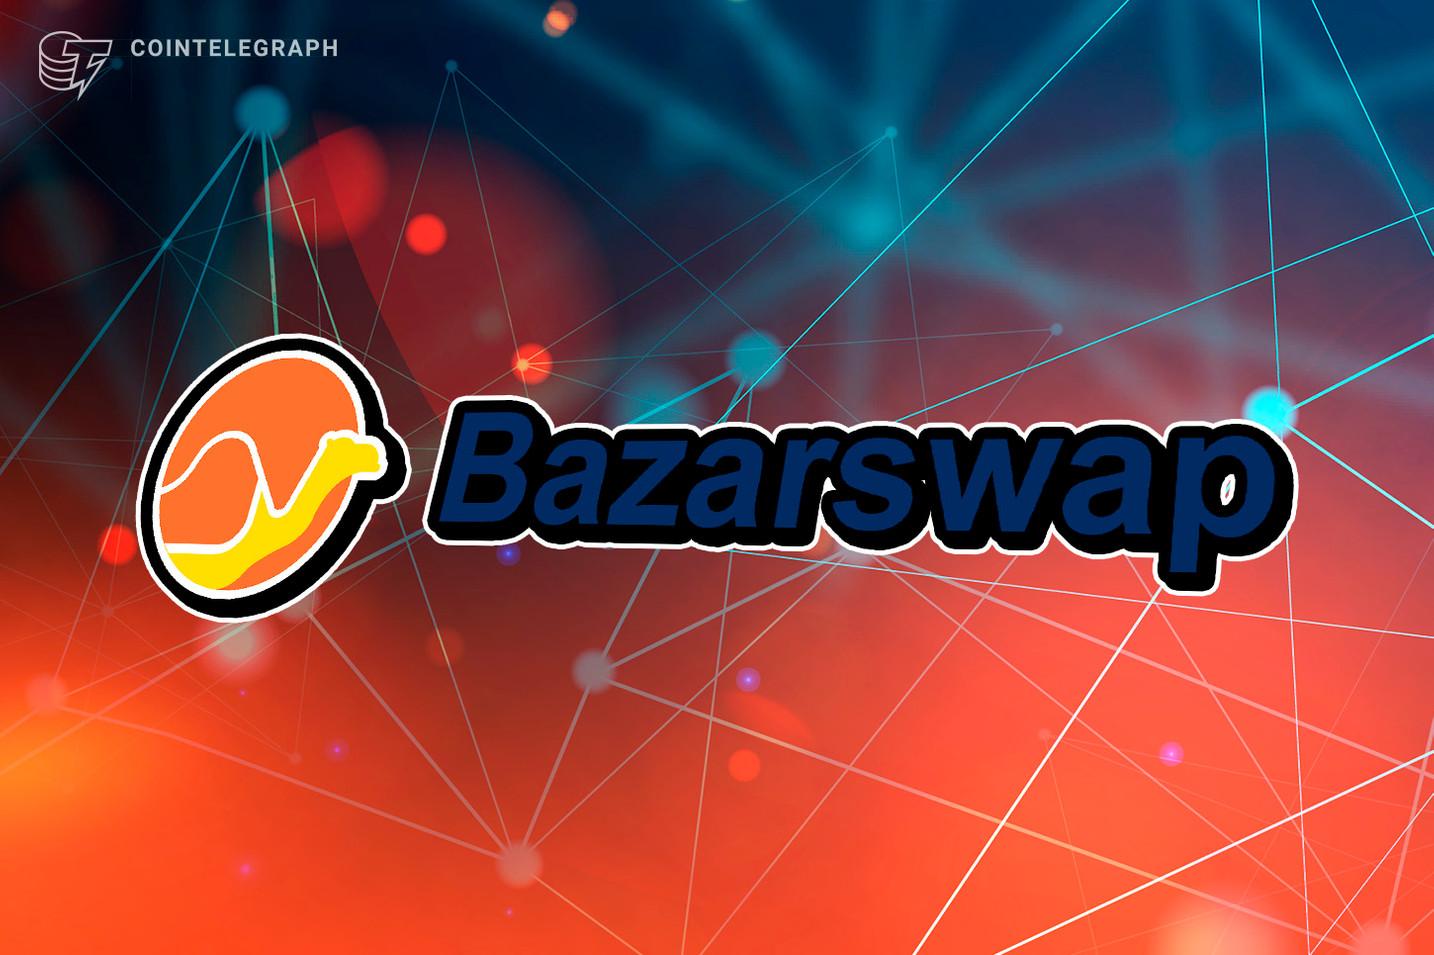 Bazarswap已推出首个用于ERC-20代币的基于以太坊的OTC DEX